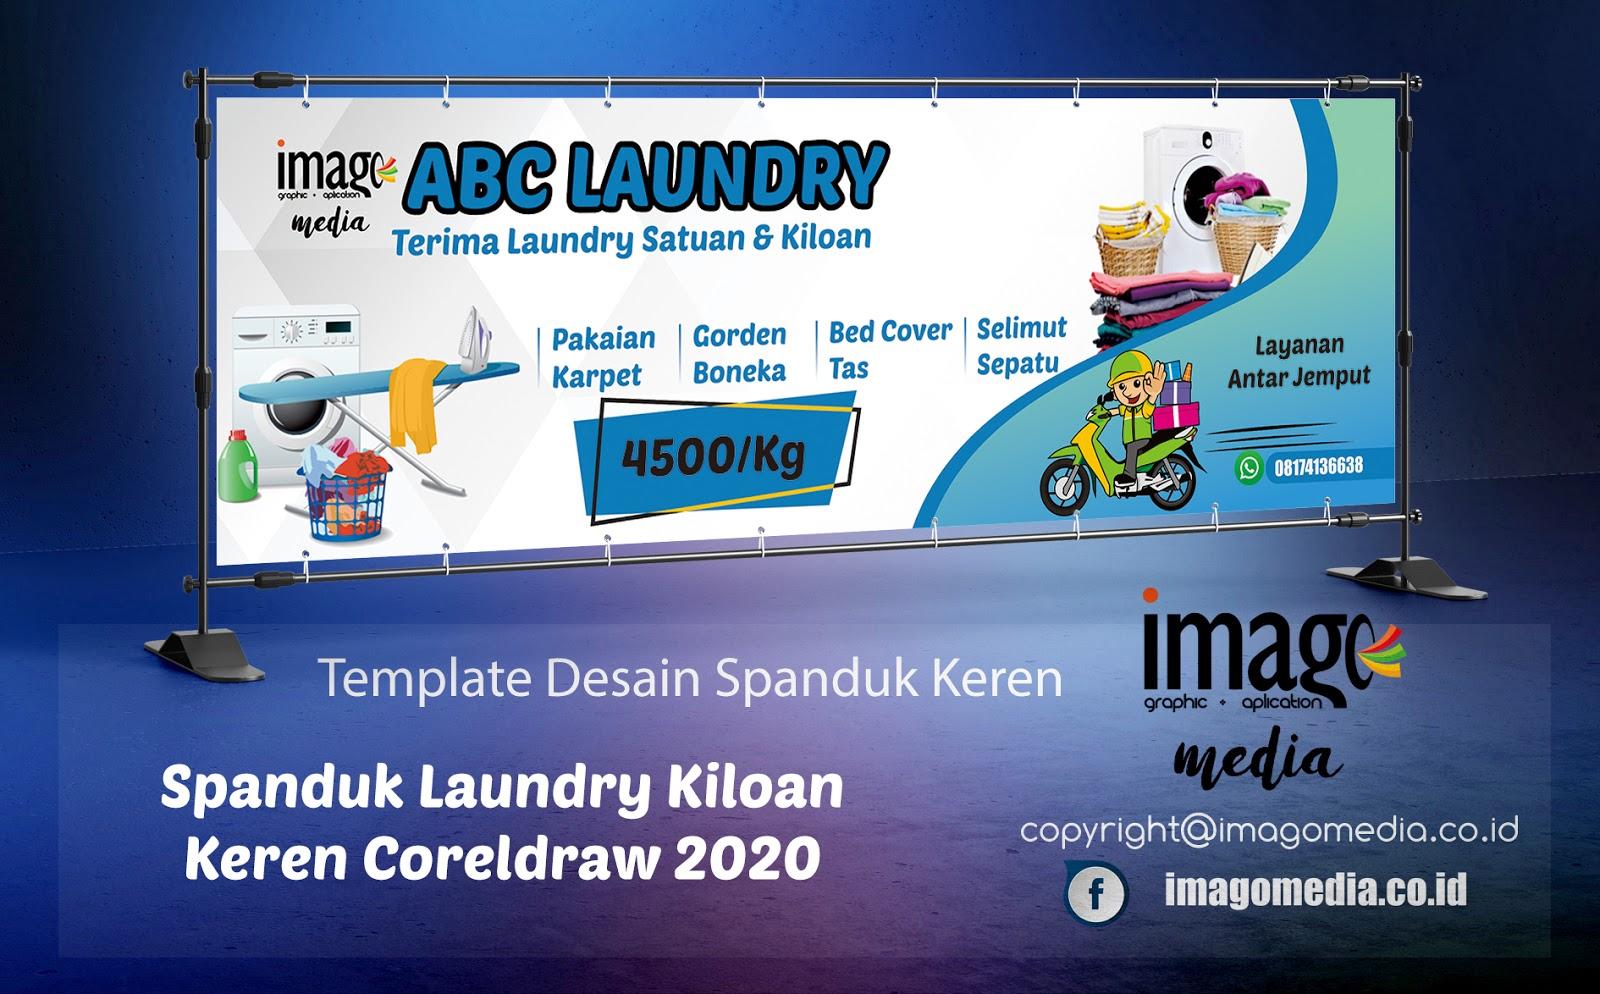 Desain Spanduk Laundry Kiloan Keren Coreldraw 2020